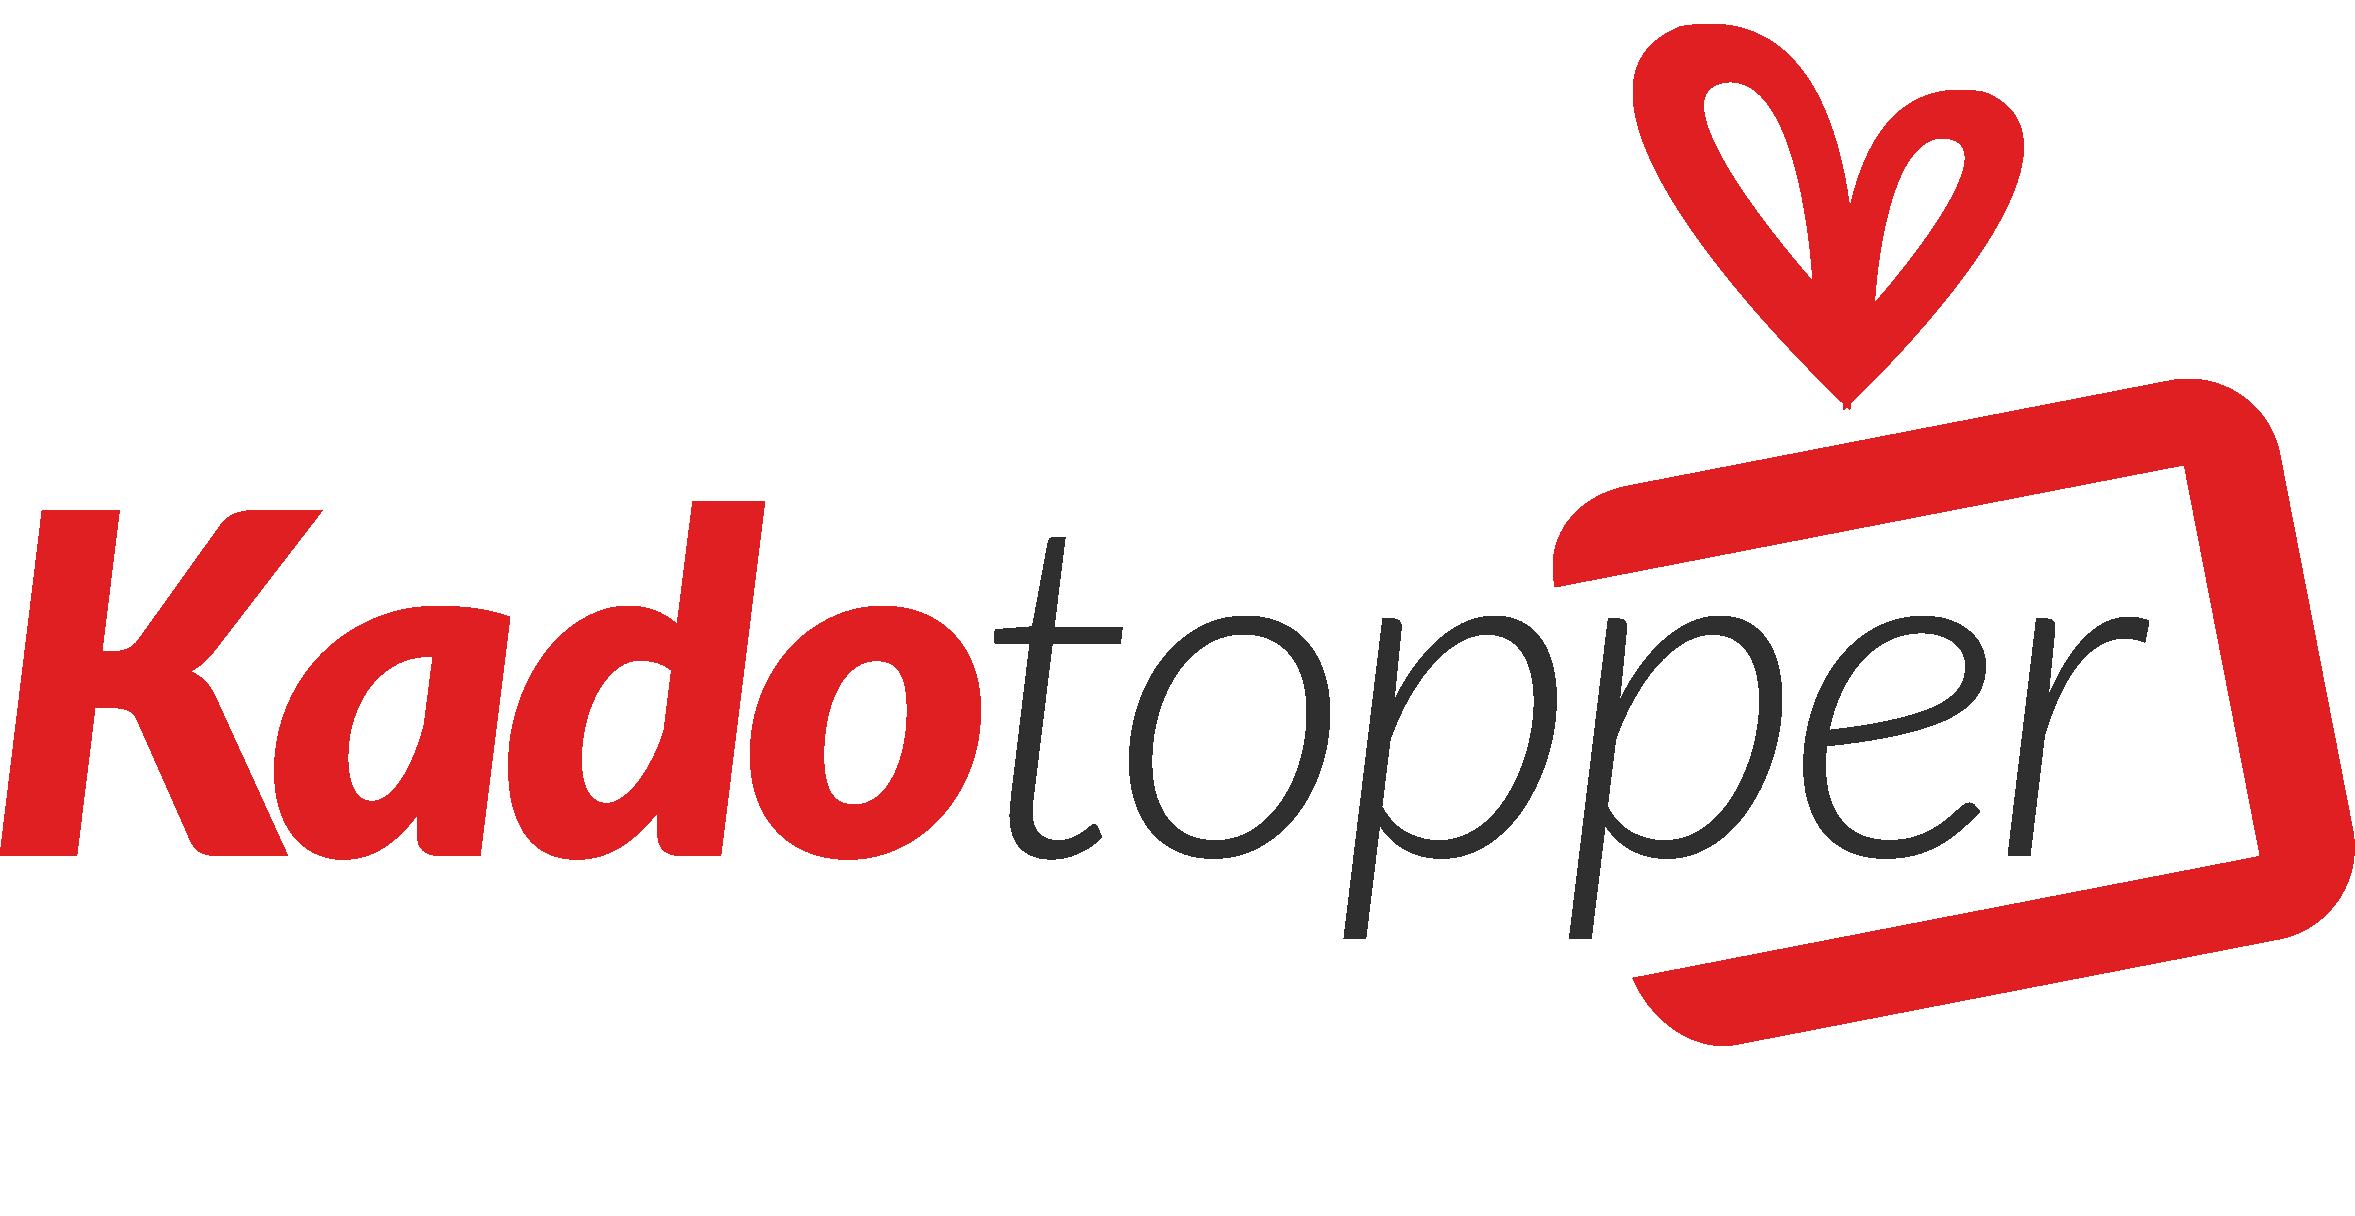 Kadotopper